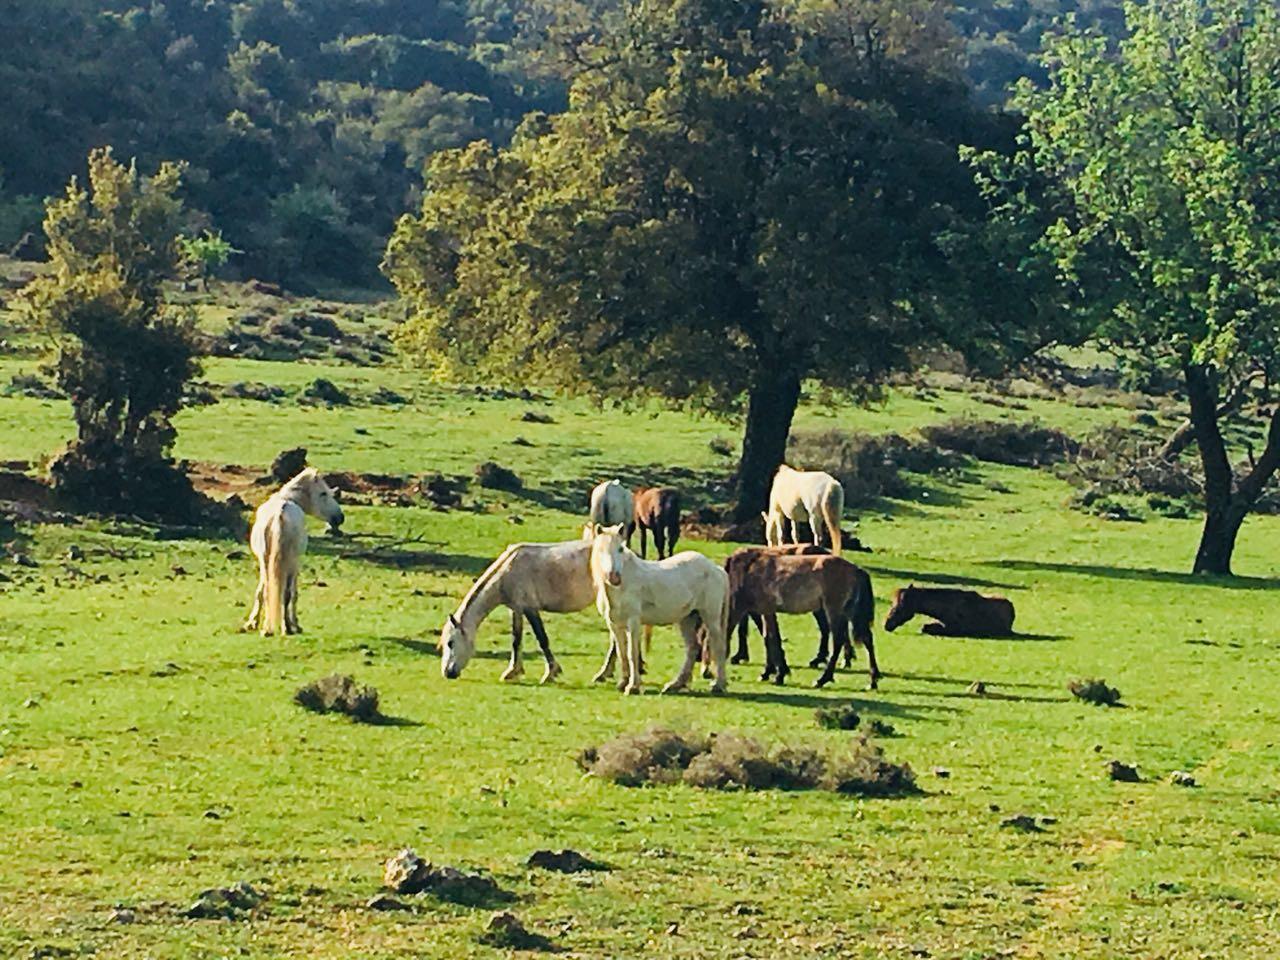 Αδιάφορος ο αντιδήμαρχος Κουρκουμέλης για τις ζημιές που προκαλούν τα άλογα του Αίνου στην πεδιάδα του Ελειού